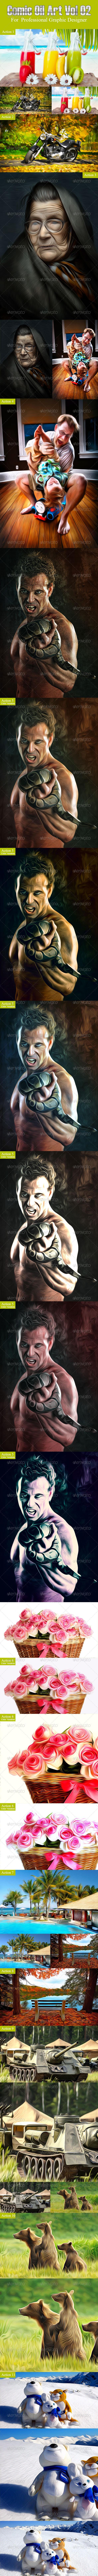 GraphicRiver Comic Oil Art Vol 02 8233811